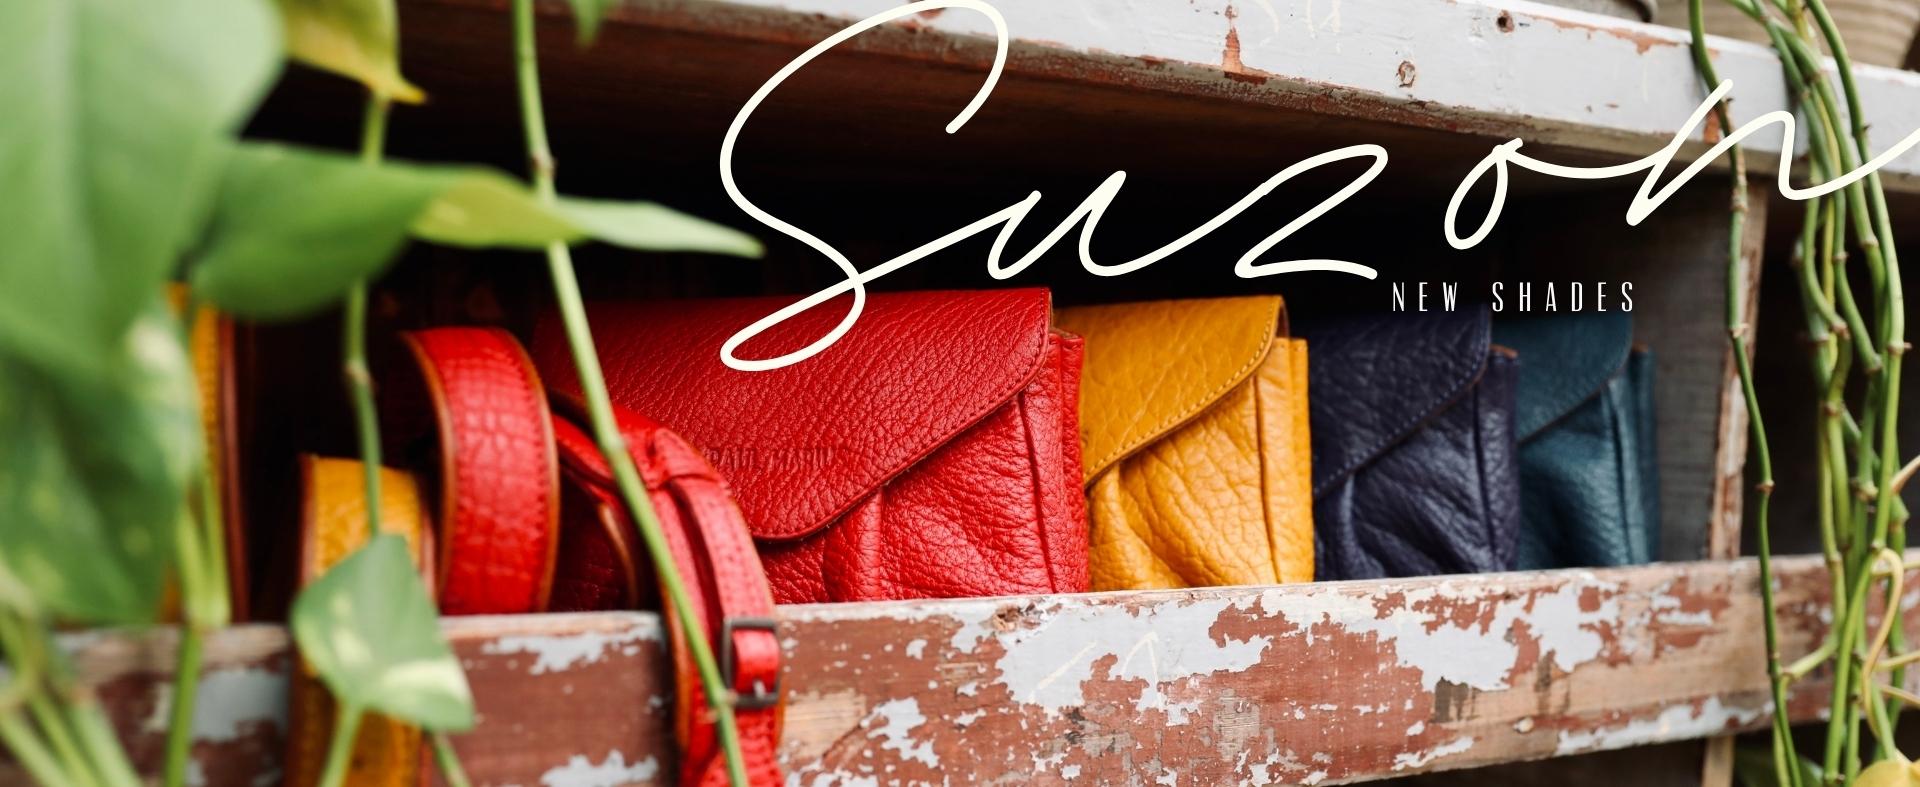 Suzon - New Colors